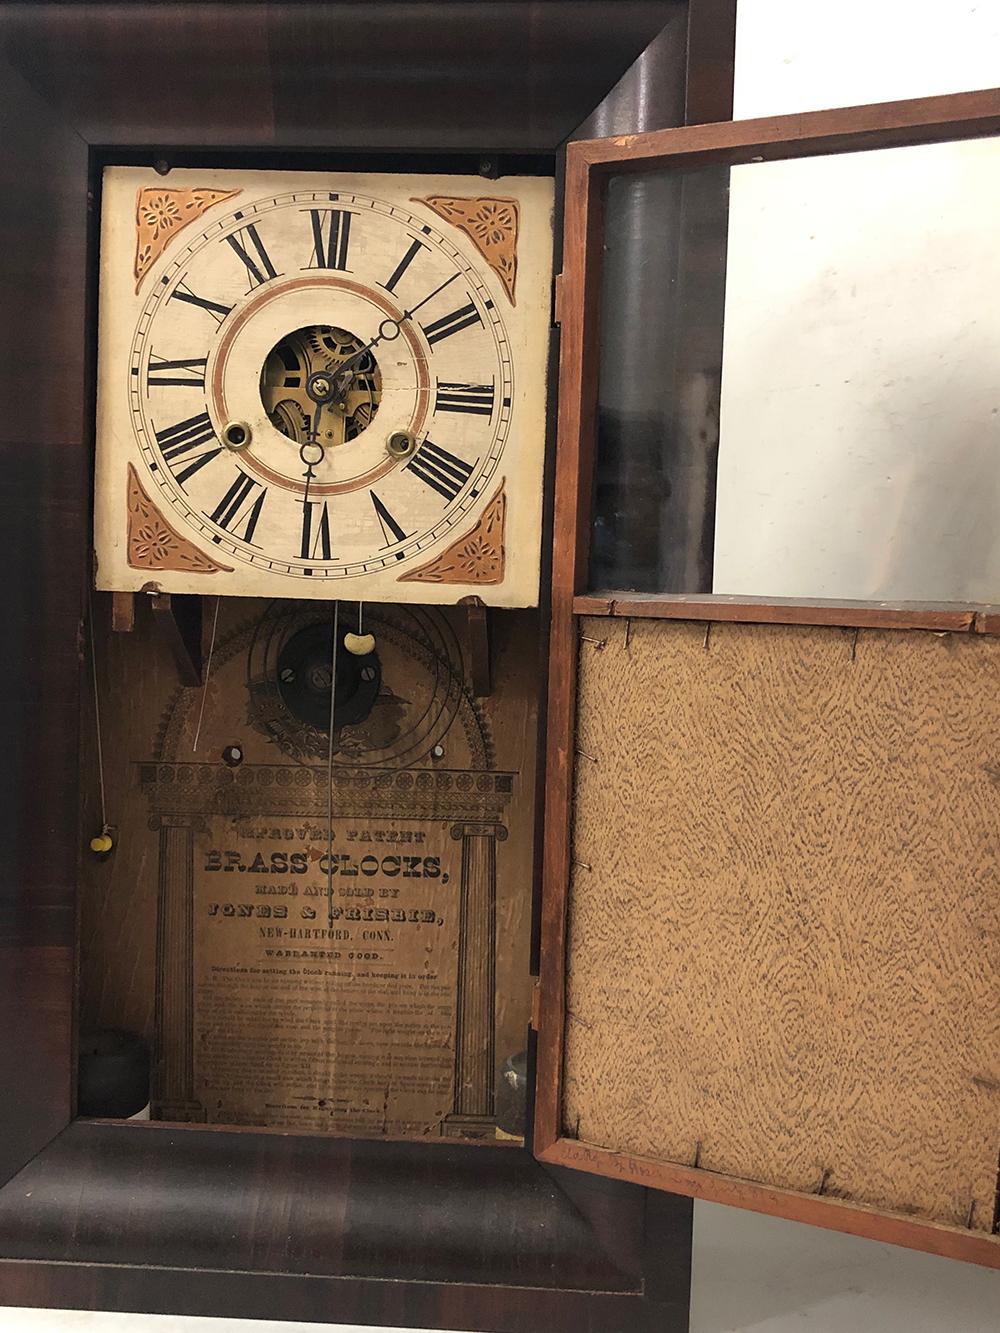 Lot 135: Jones & Frisbie OG Mantel Clock